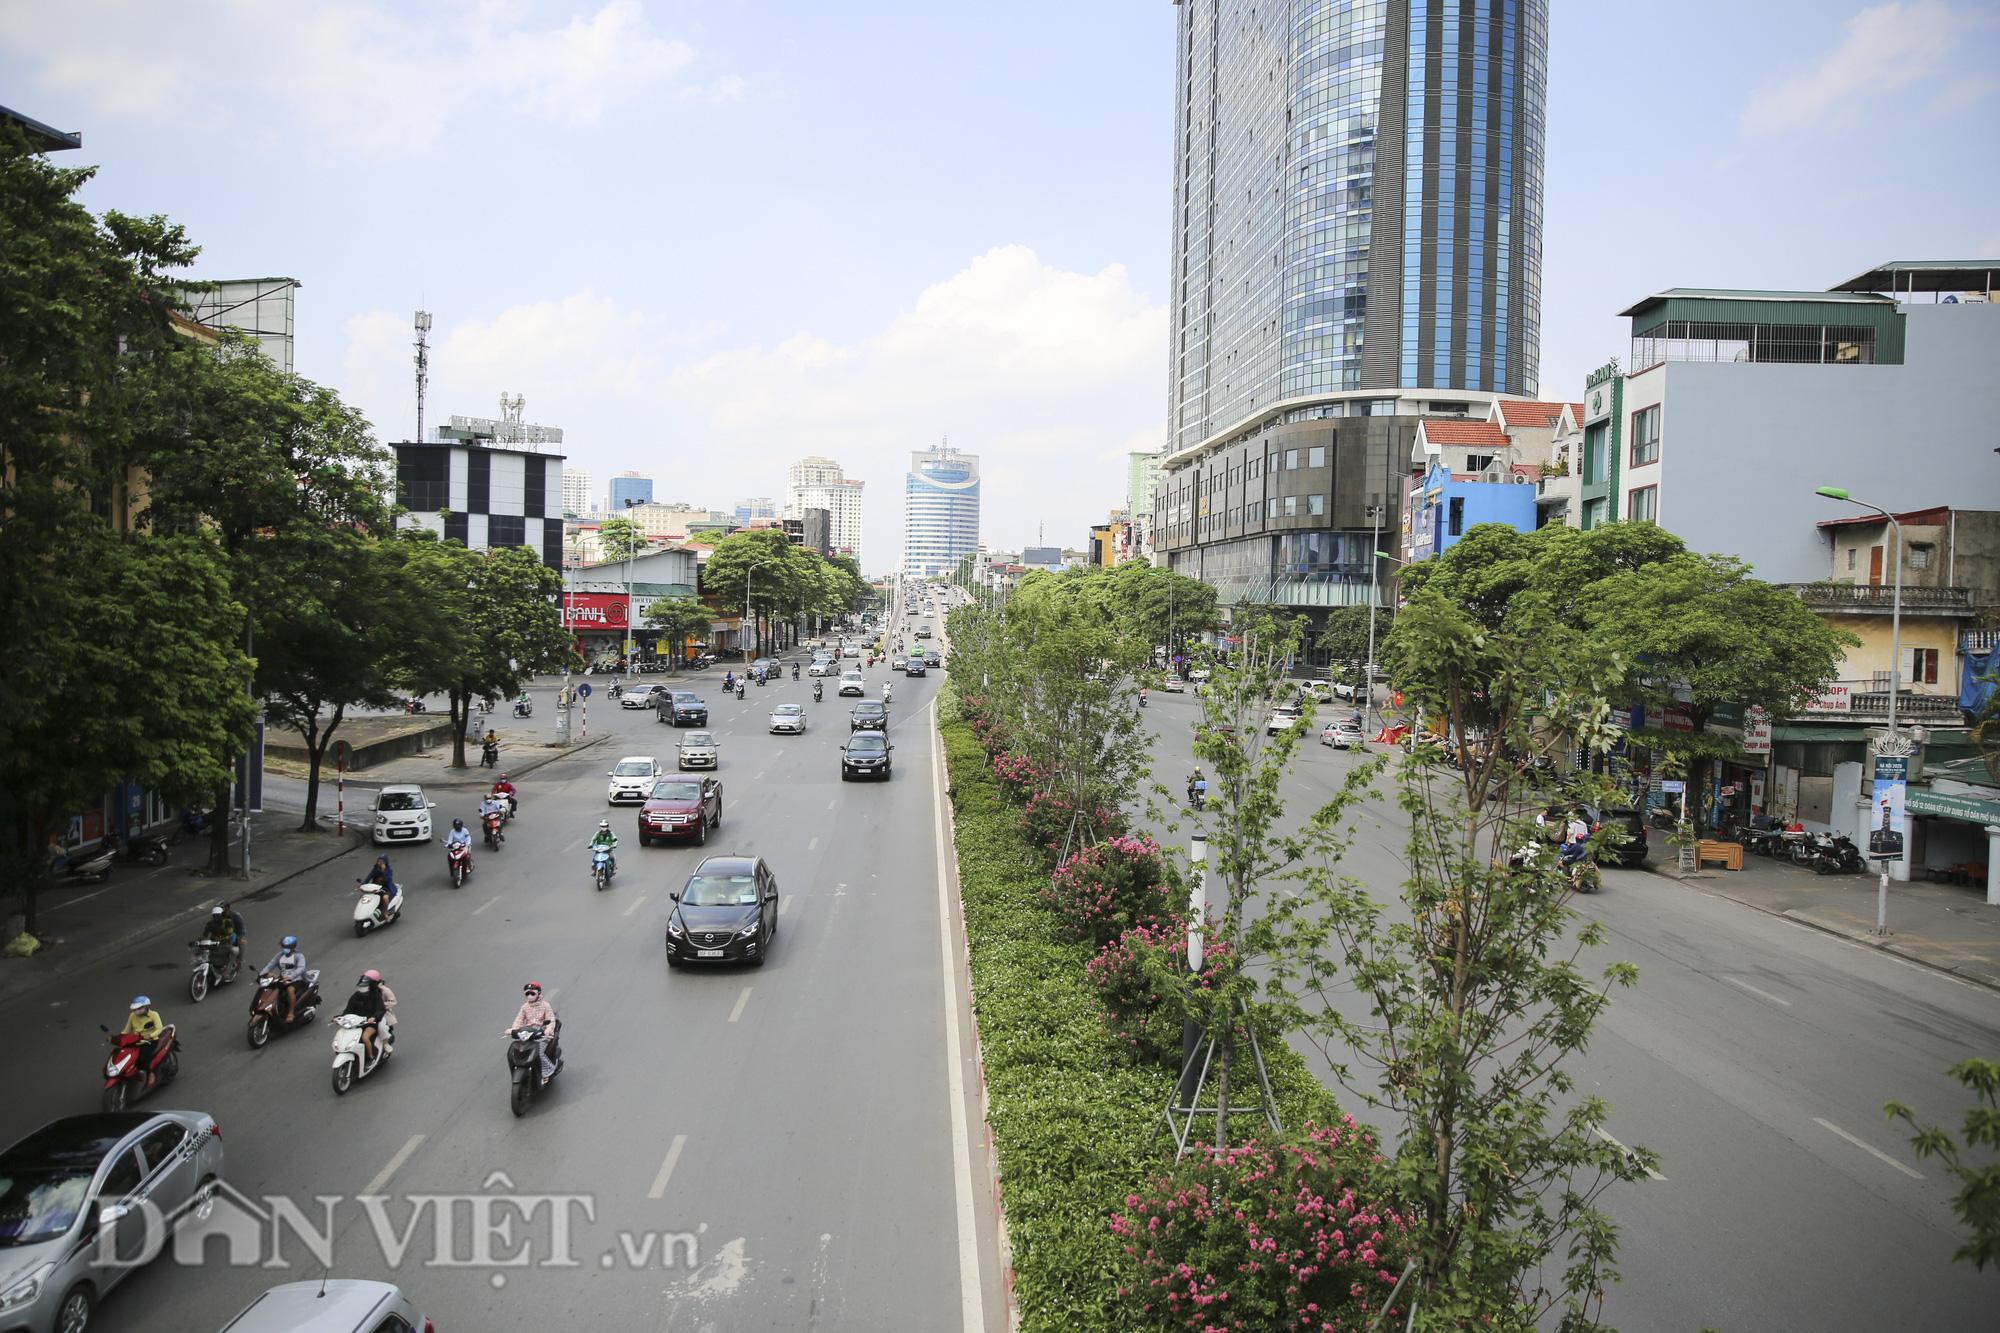 """Hệ thống cây xanh đã giúp Hà Nội giảm """"hiệu ứng đảo nhiệt đô thị"""" như thế nào? - Ảnh 11."""